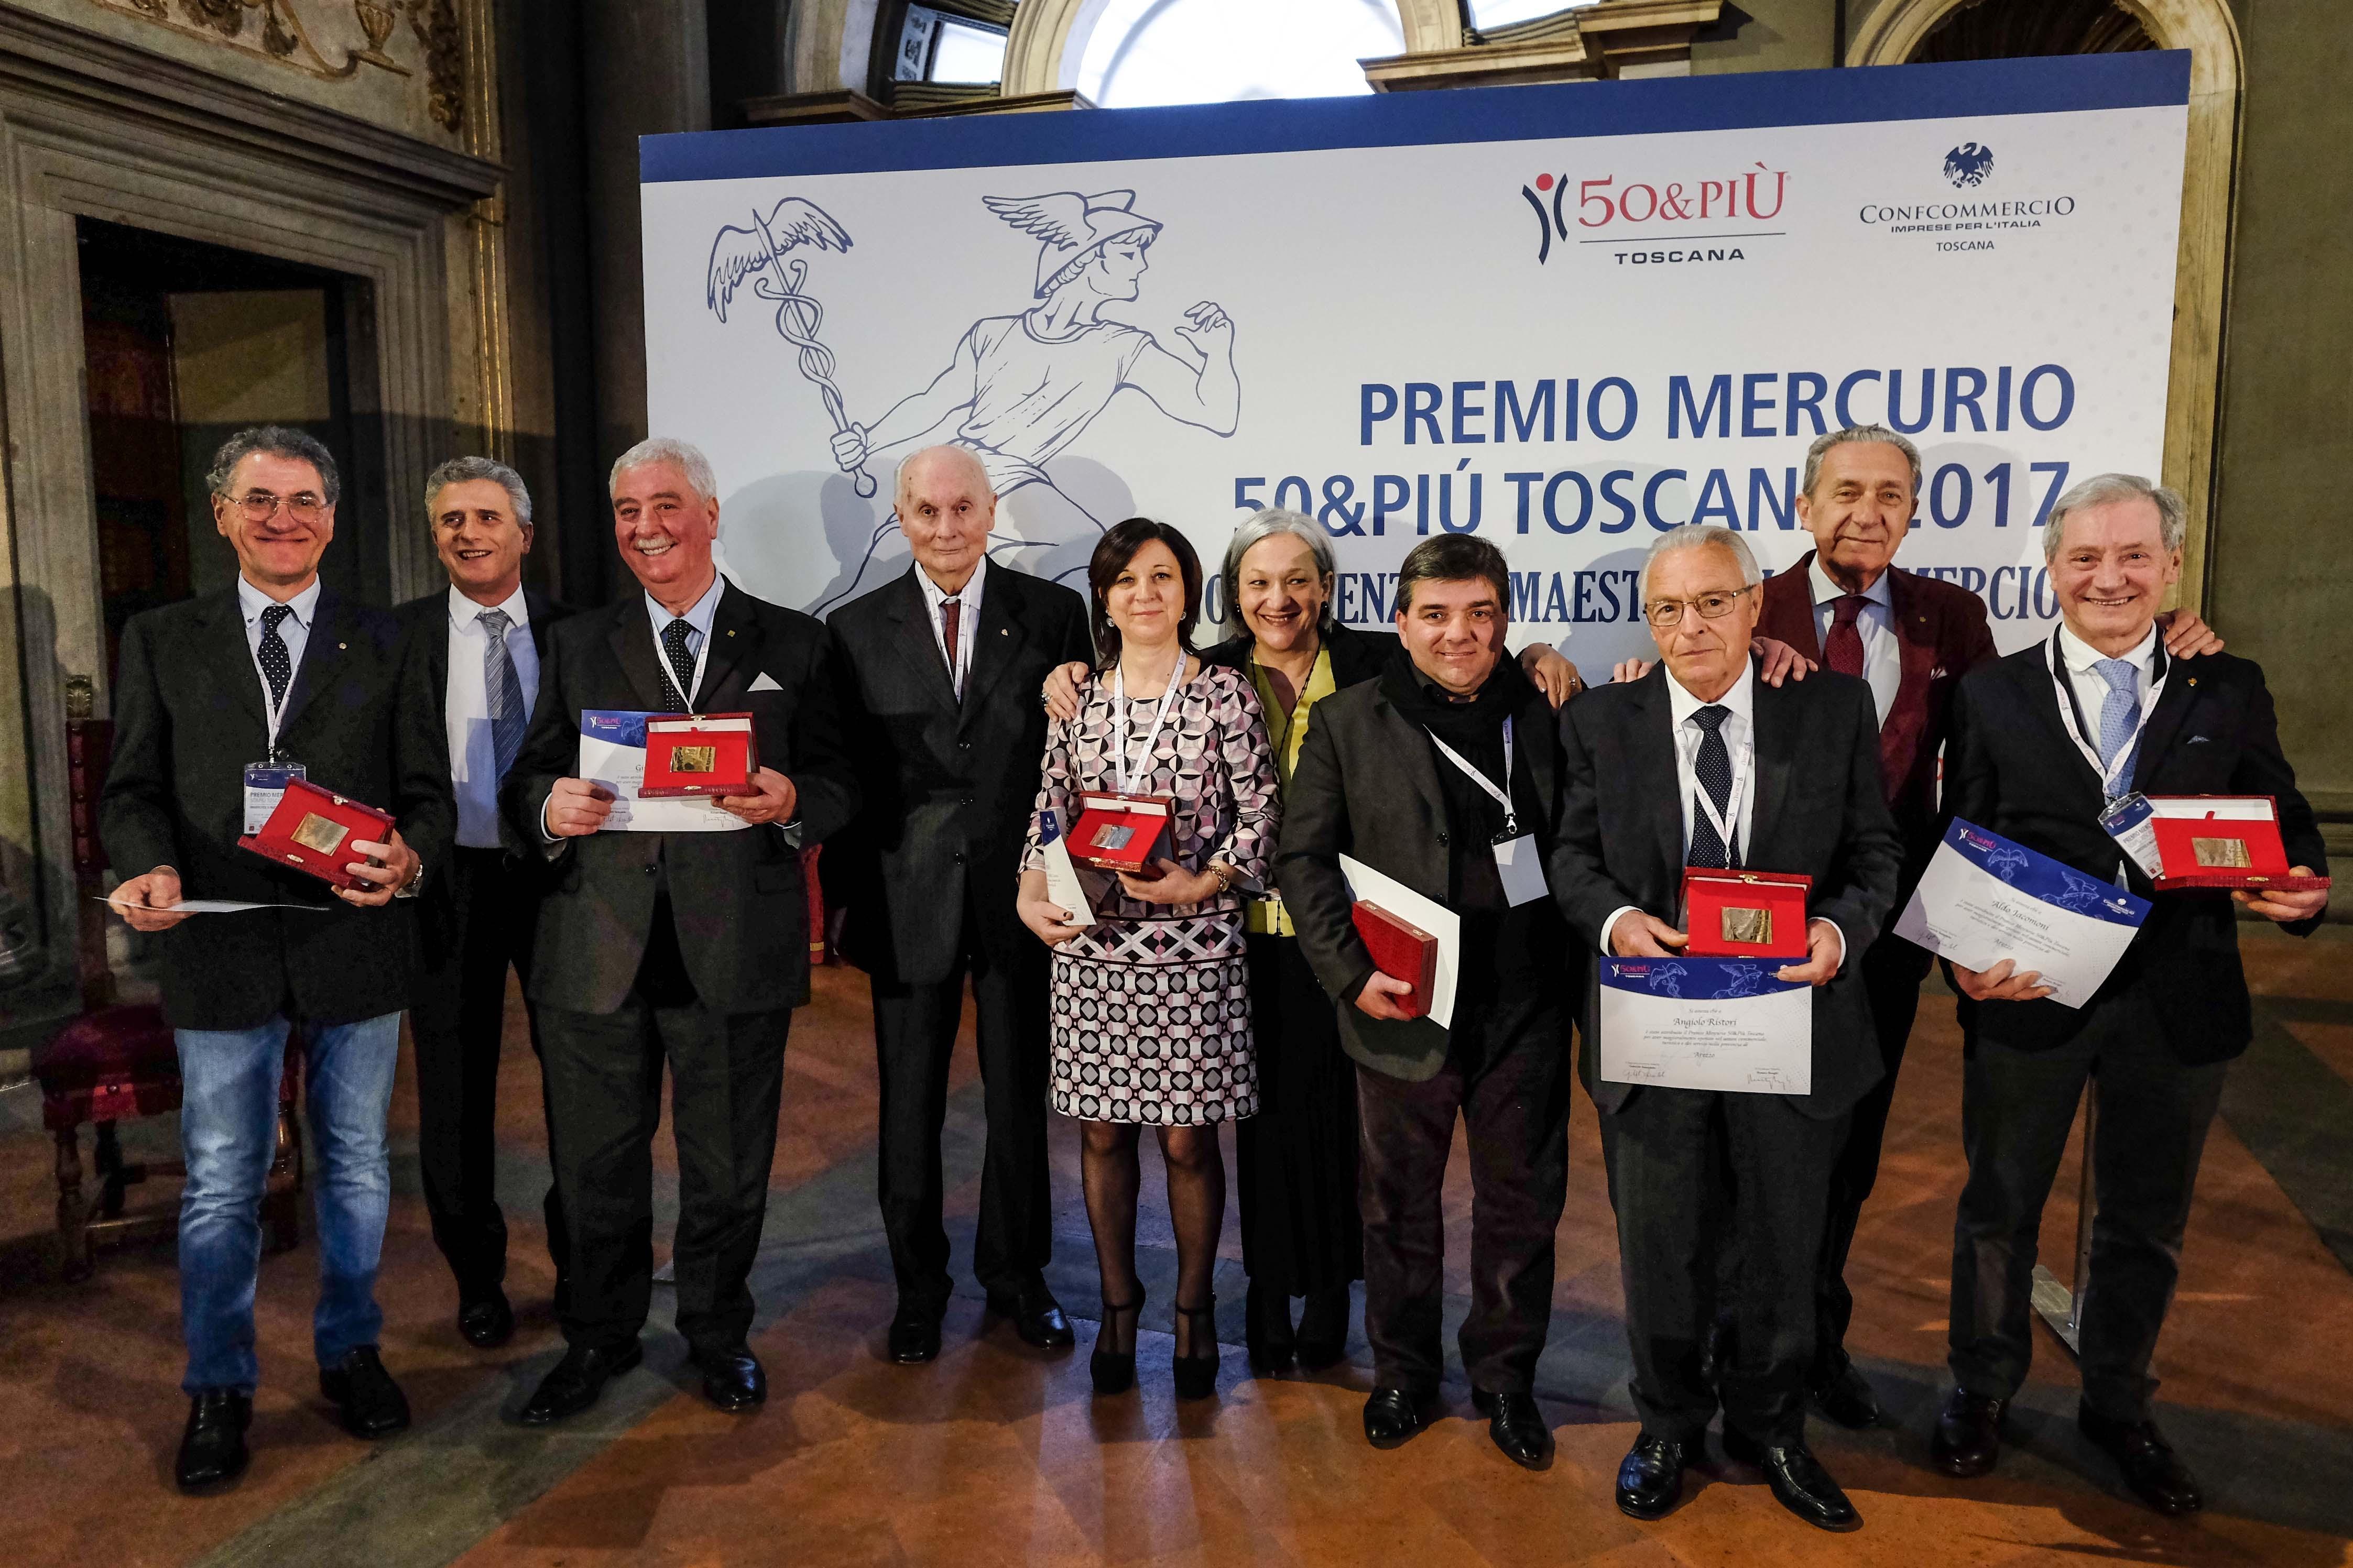 'Premio Mercurio', riconoscimento anche a imprenditori della Valdichiana